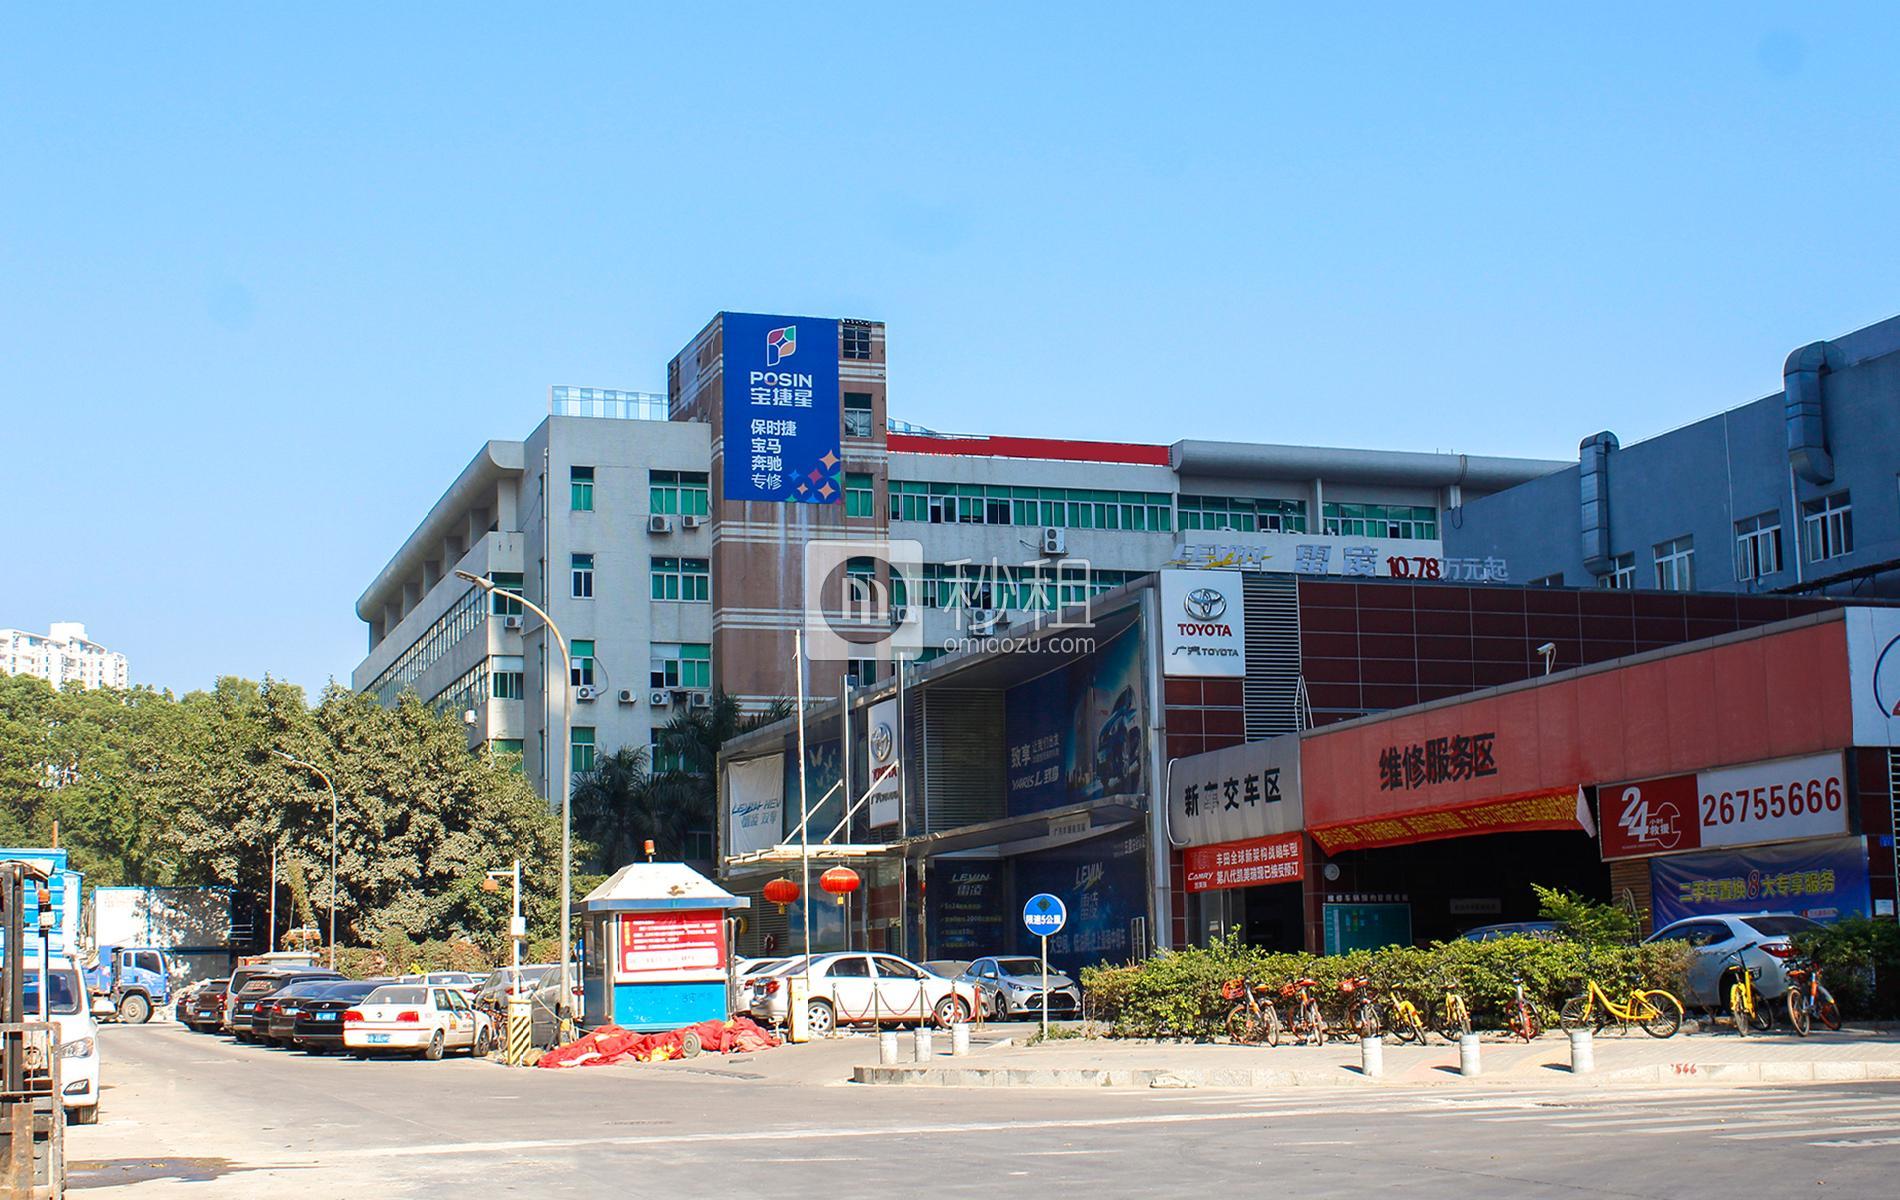 东方科技园写字楼出租/招租/租赁,东方科技园办公室出租/招租/租赁